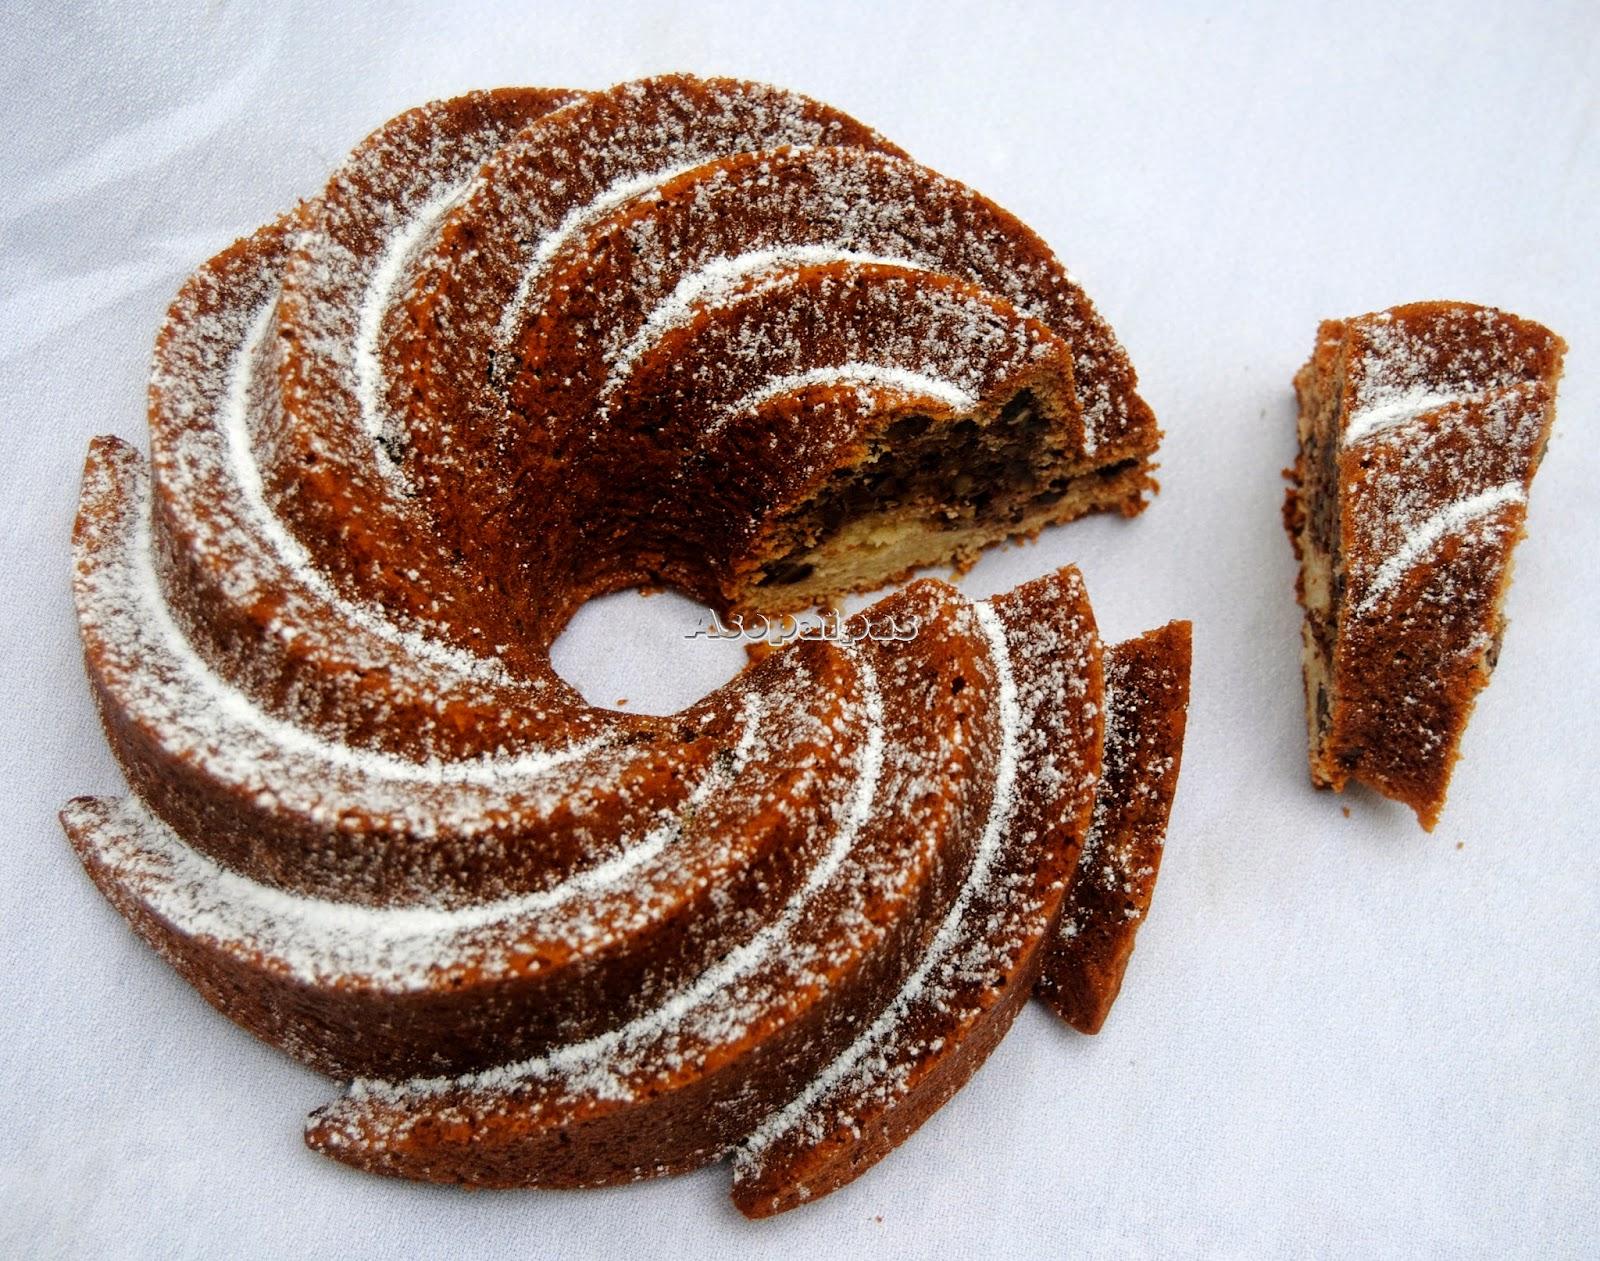 http://www.asopaipas.com/2014/05/bundt-cake-de-jarabe-de-arce-y-pecanas.html